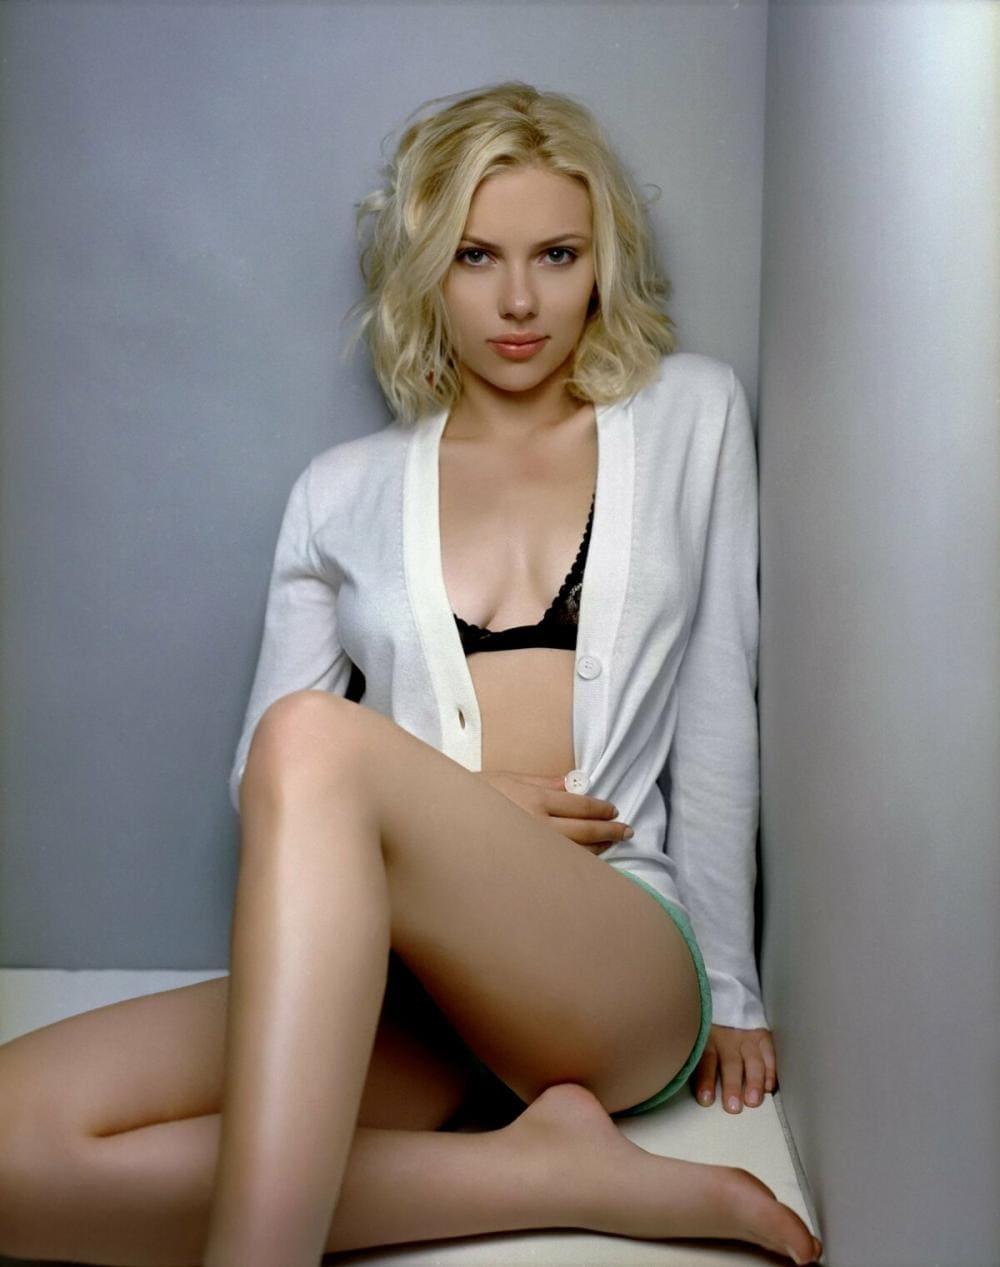 Скарлетт Йоханссон горячие фото сидит в белой расстегнутой кофточки голые ножки скрестила